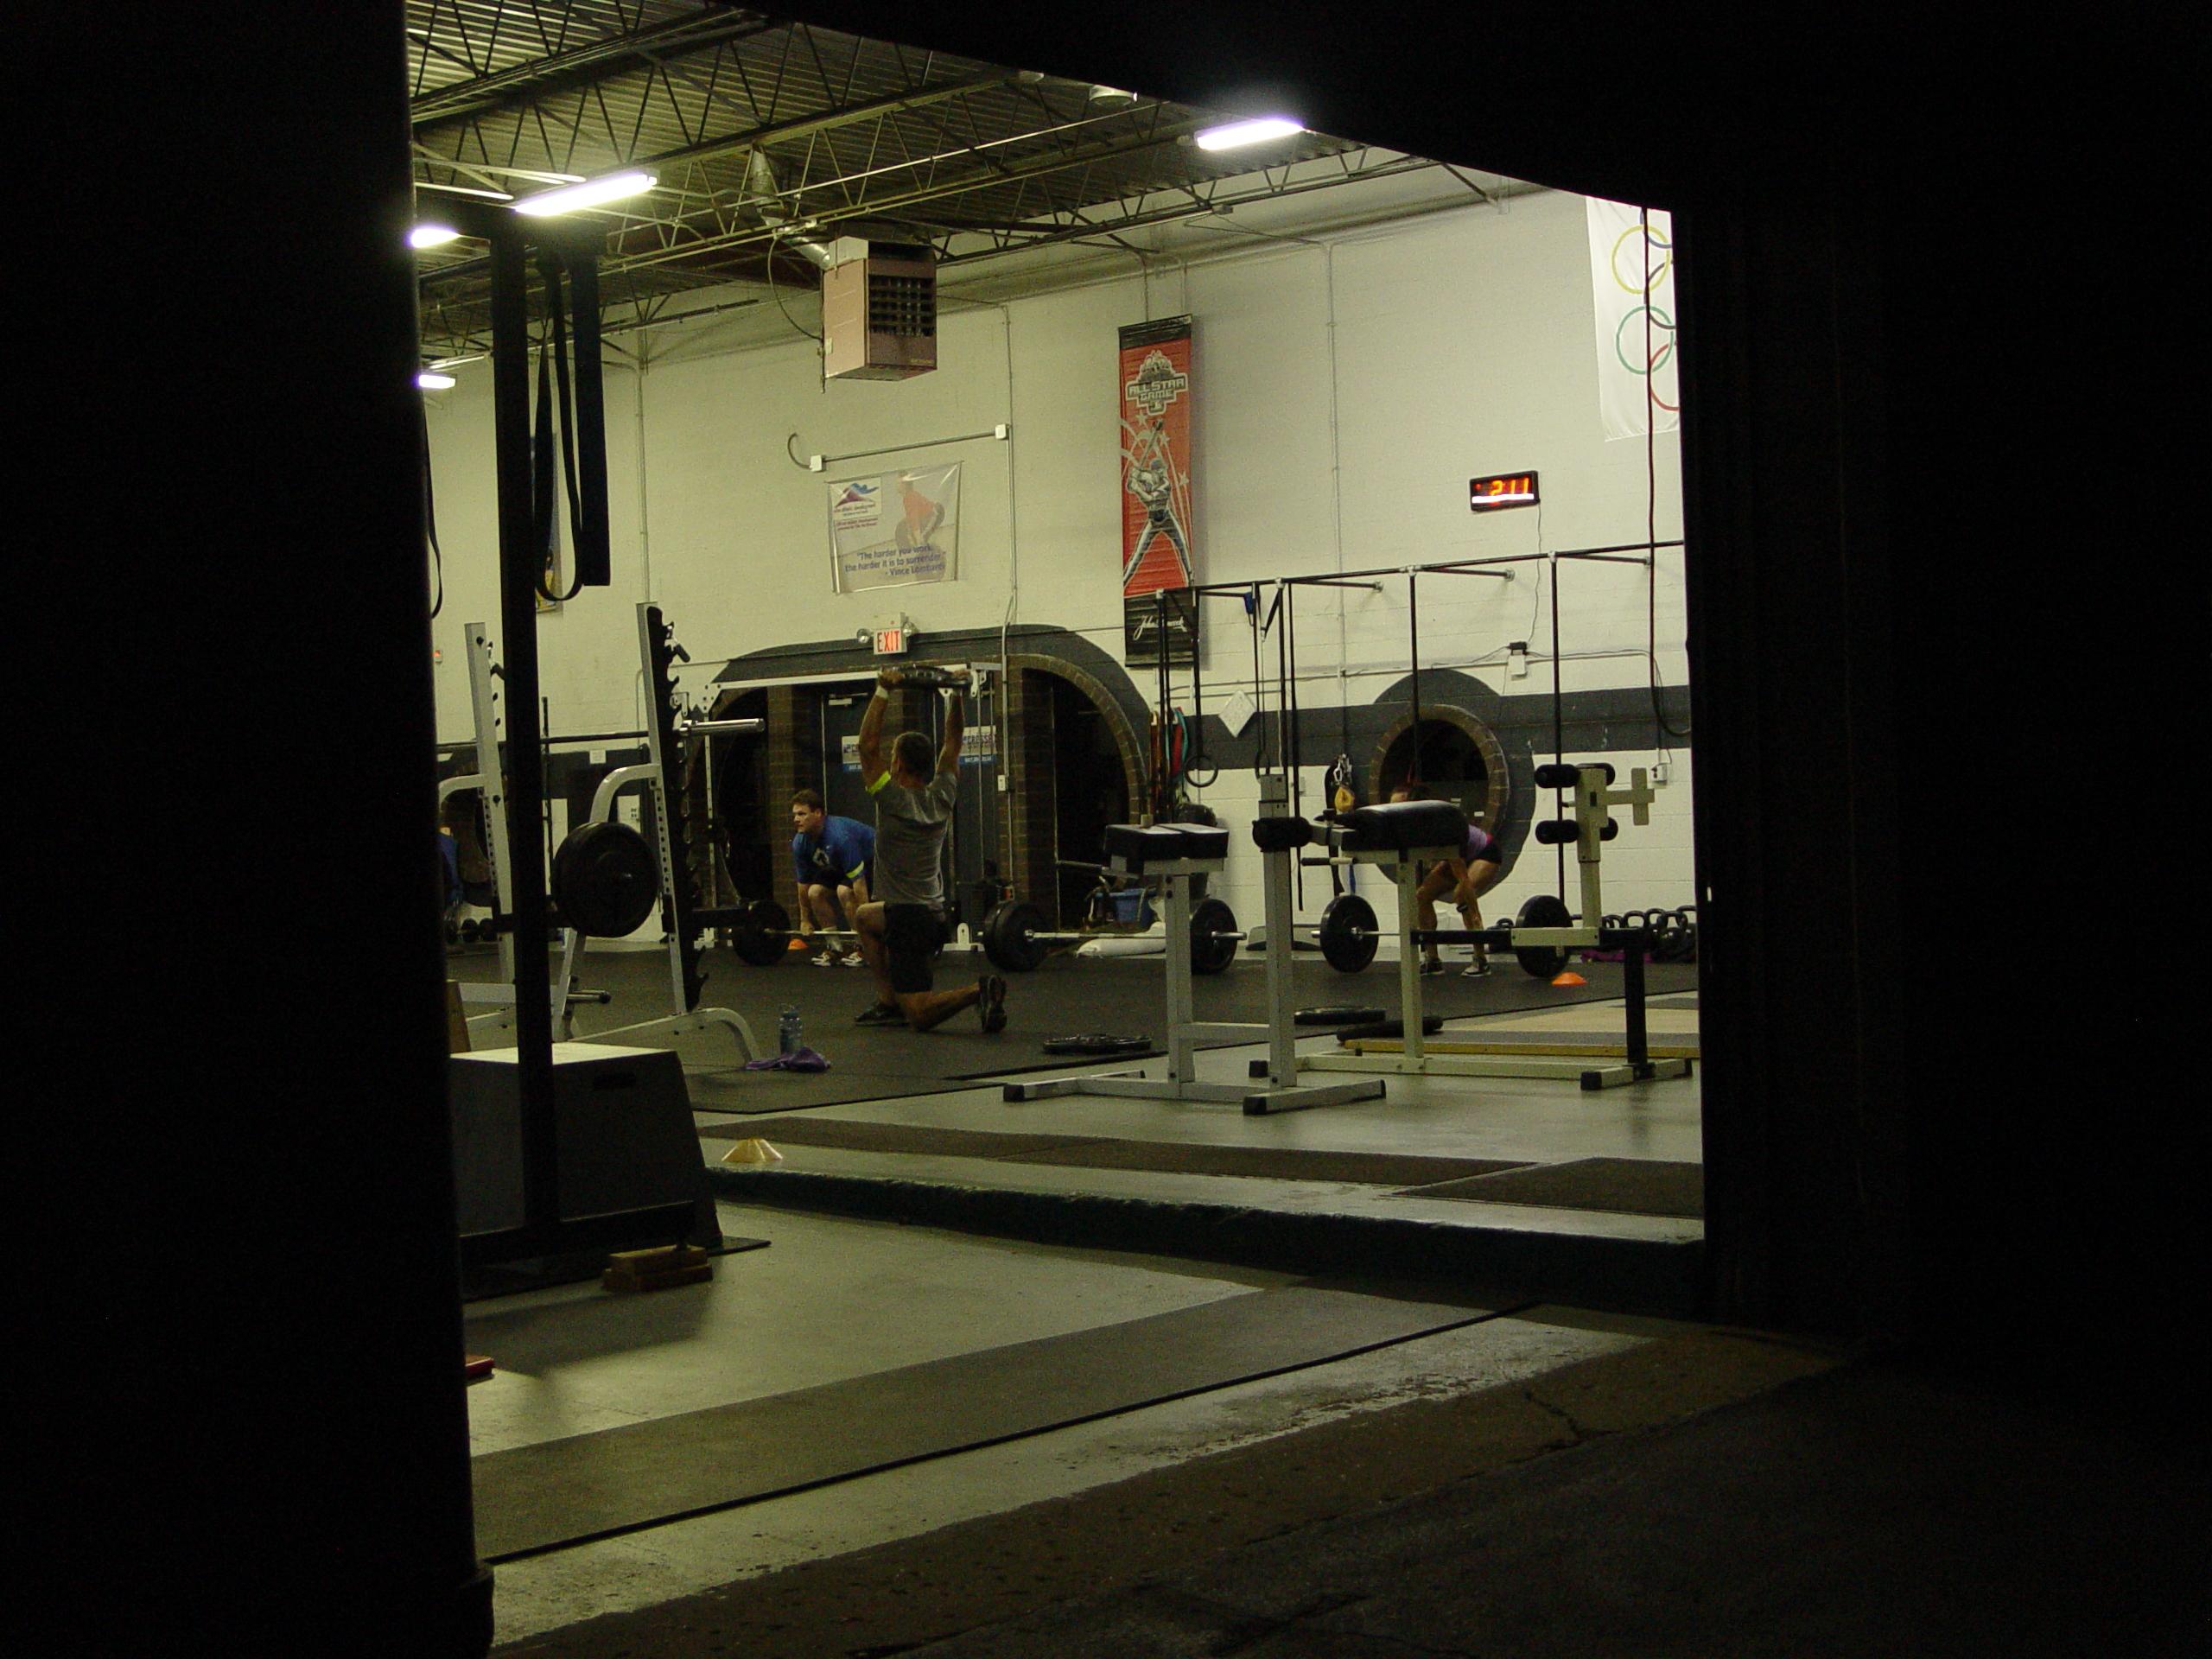 Garage gym reepicheep s coracle